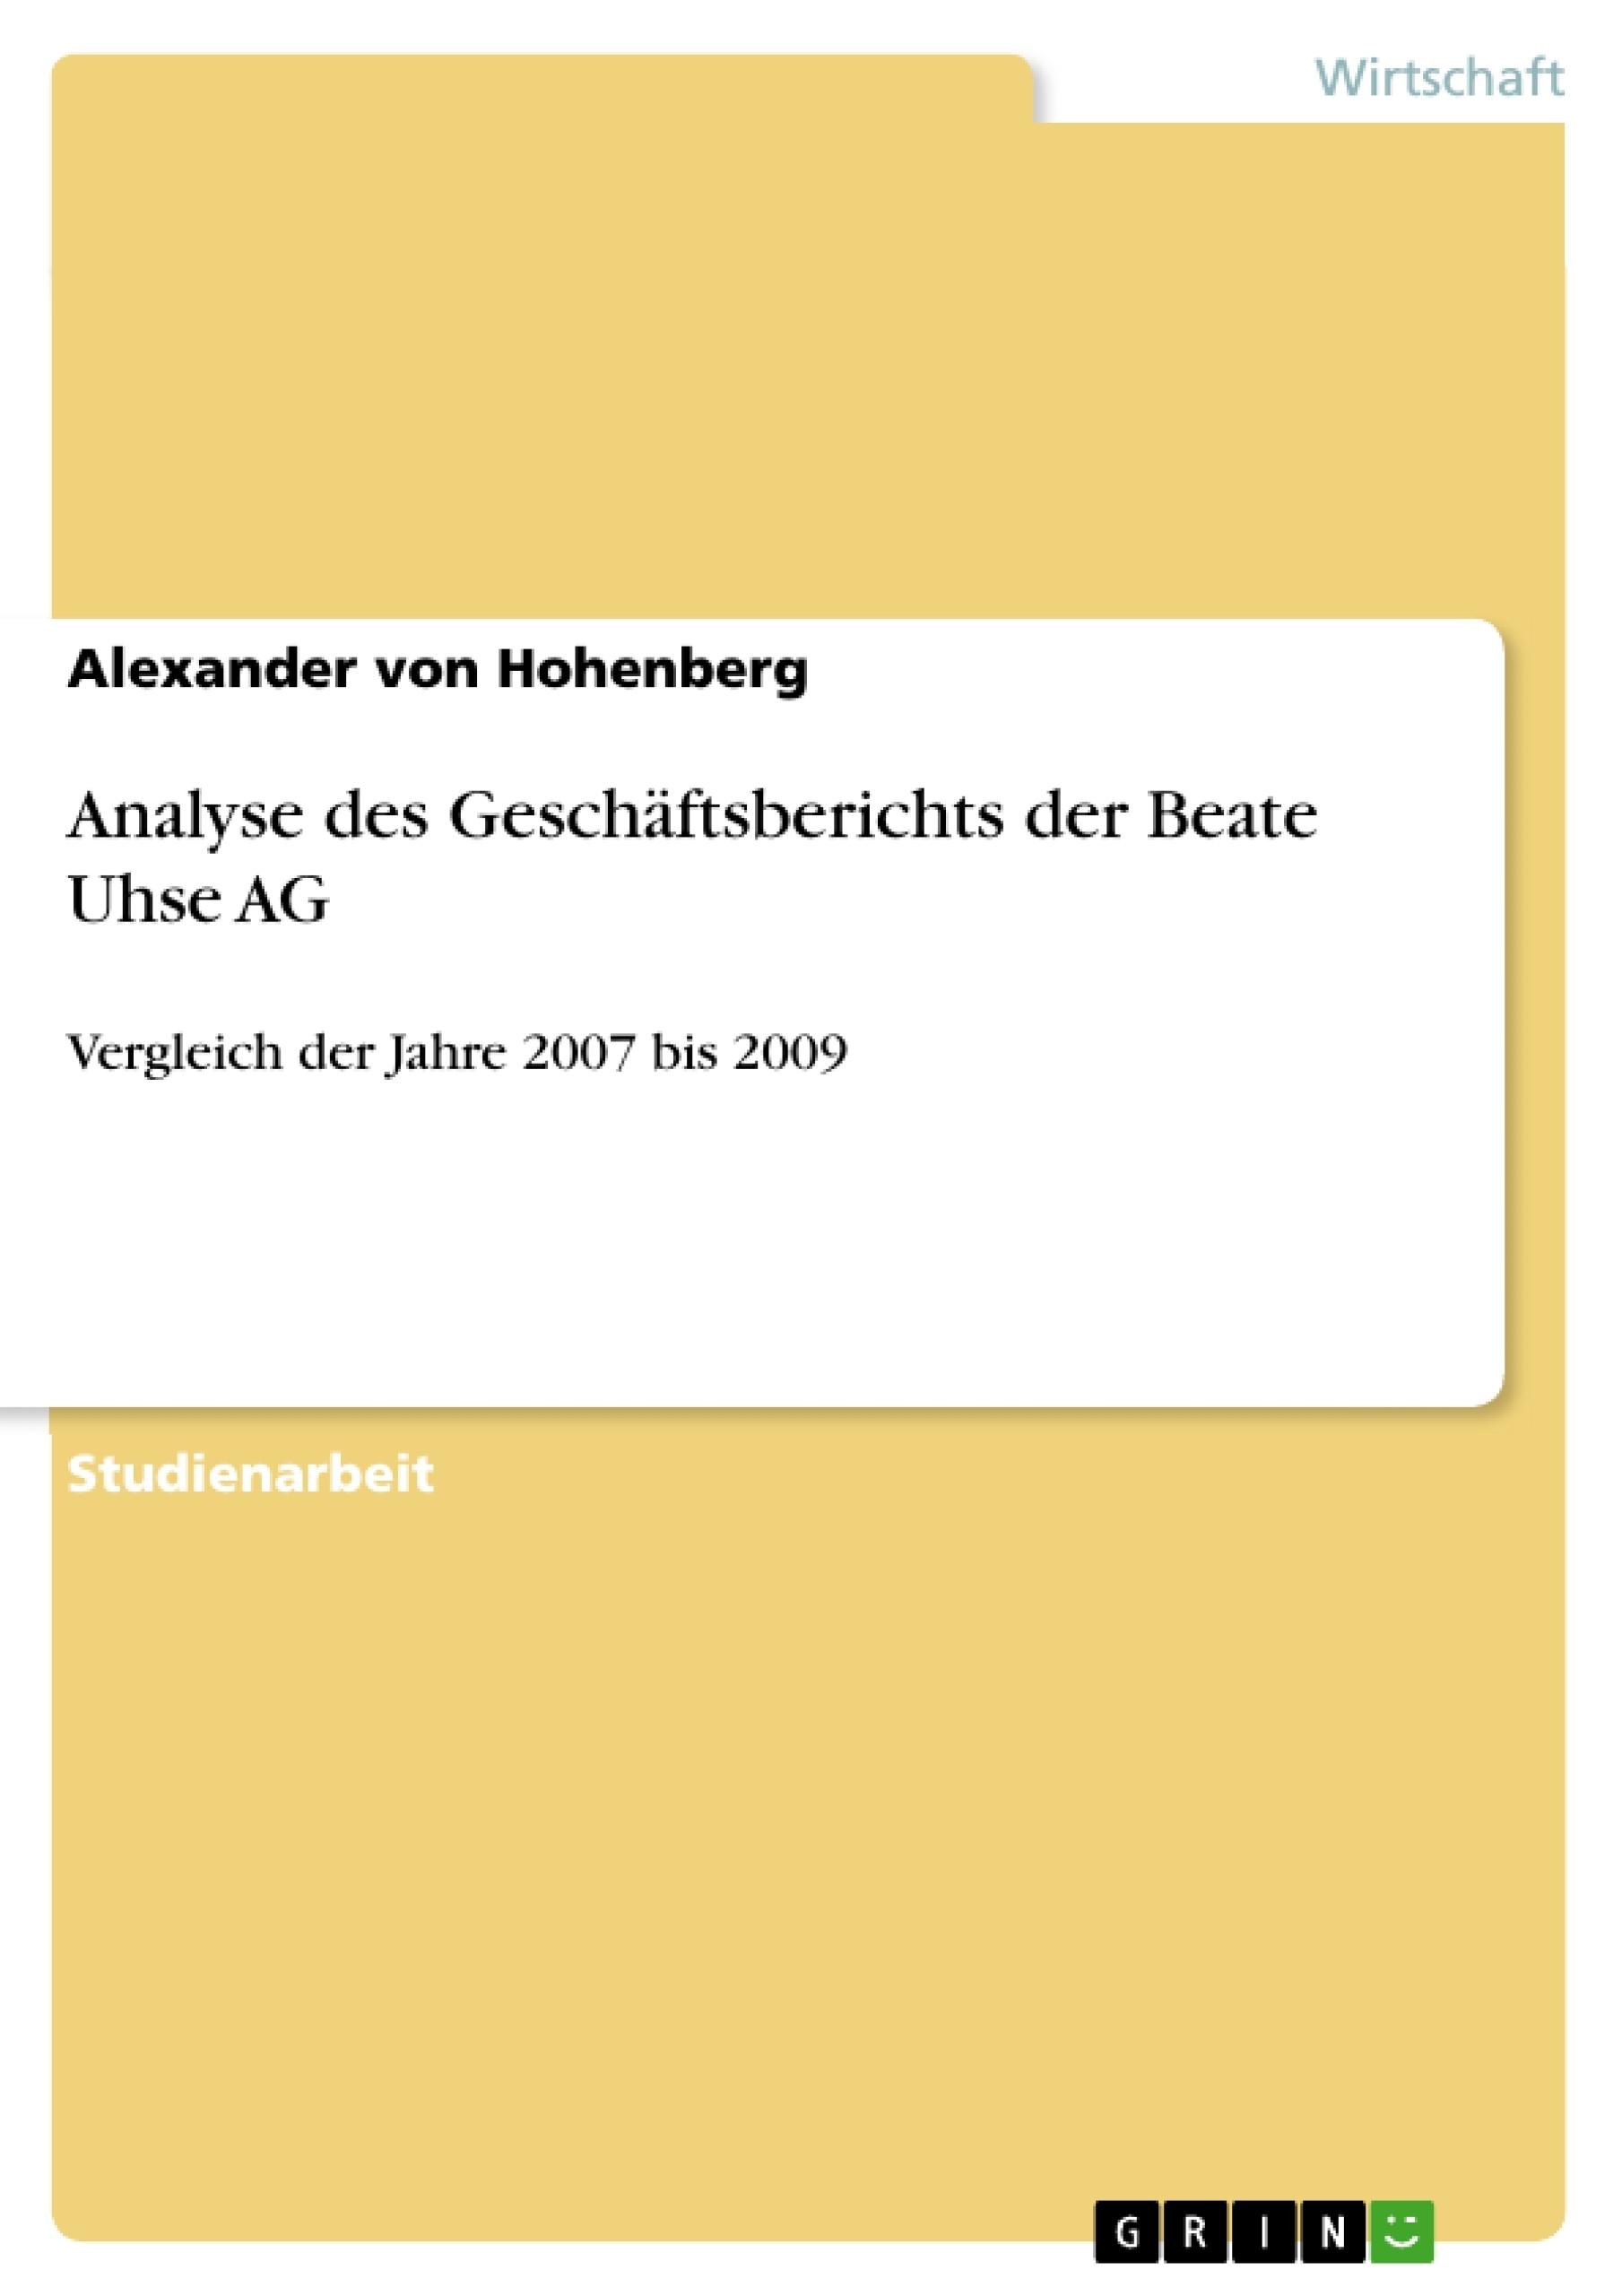 Titel: Analyse des Geschäftsberichts der Beate Uhse AG